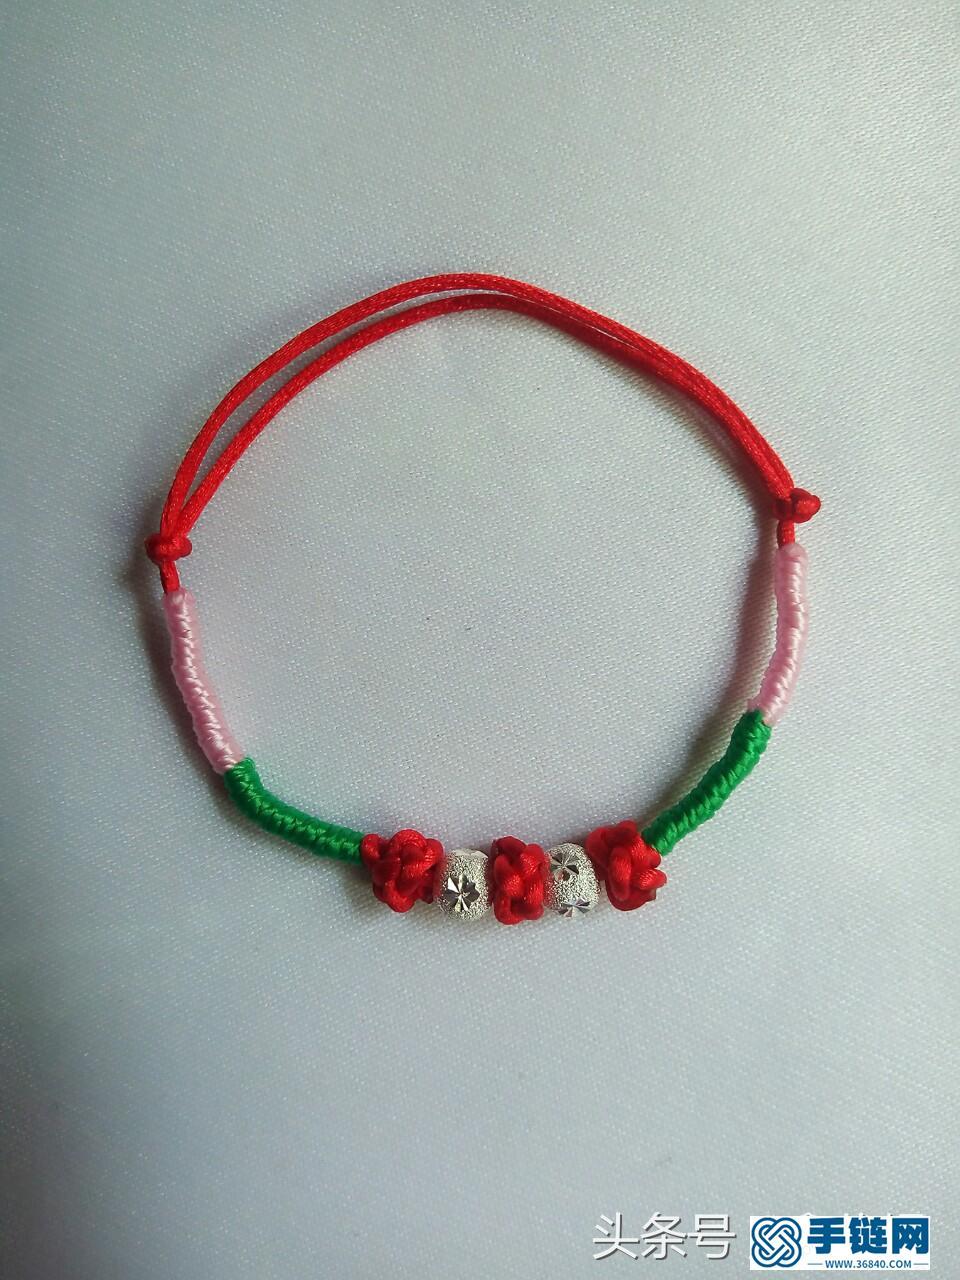 简单红绳手链编法,附菠萝扣教程步骤